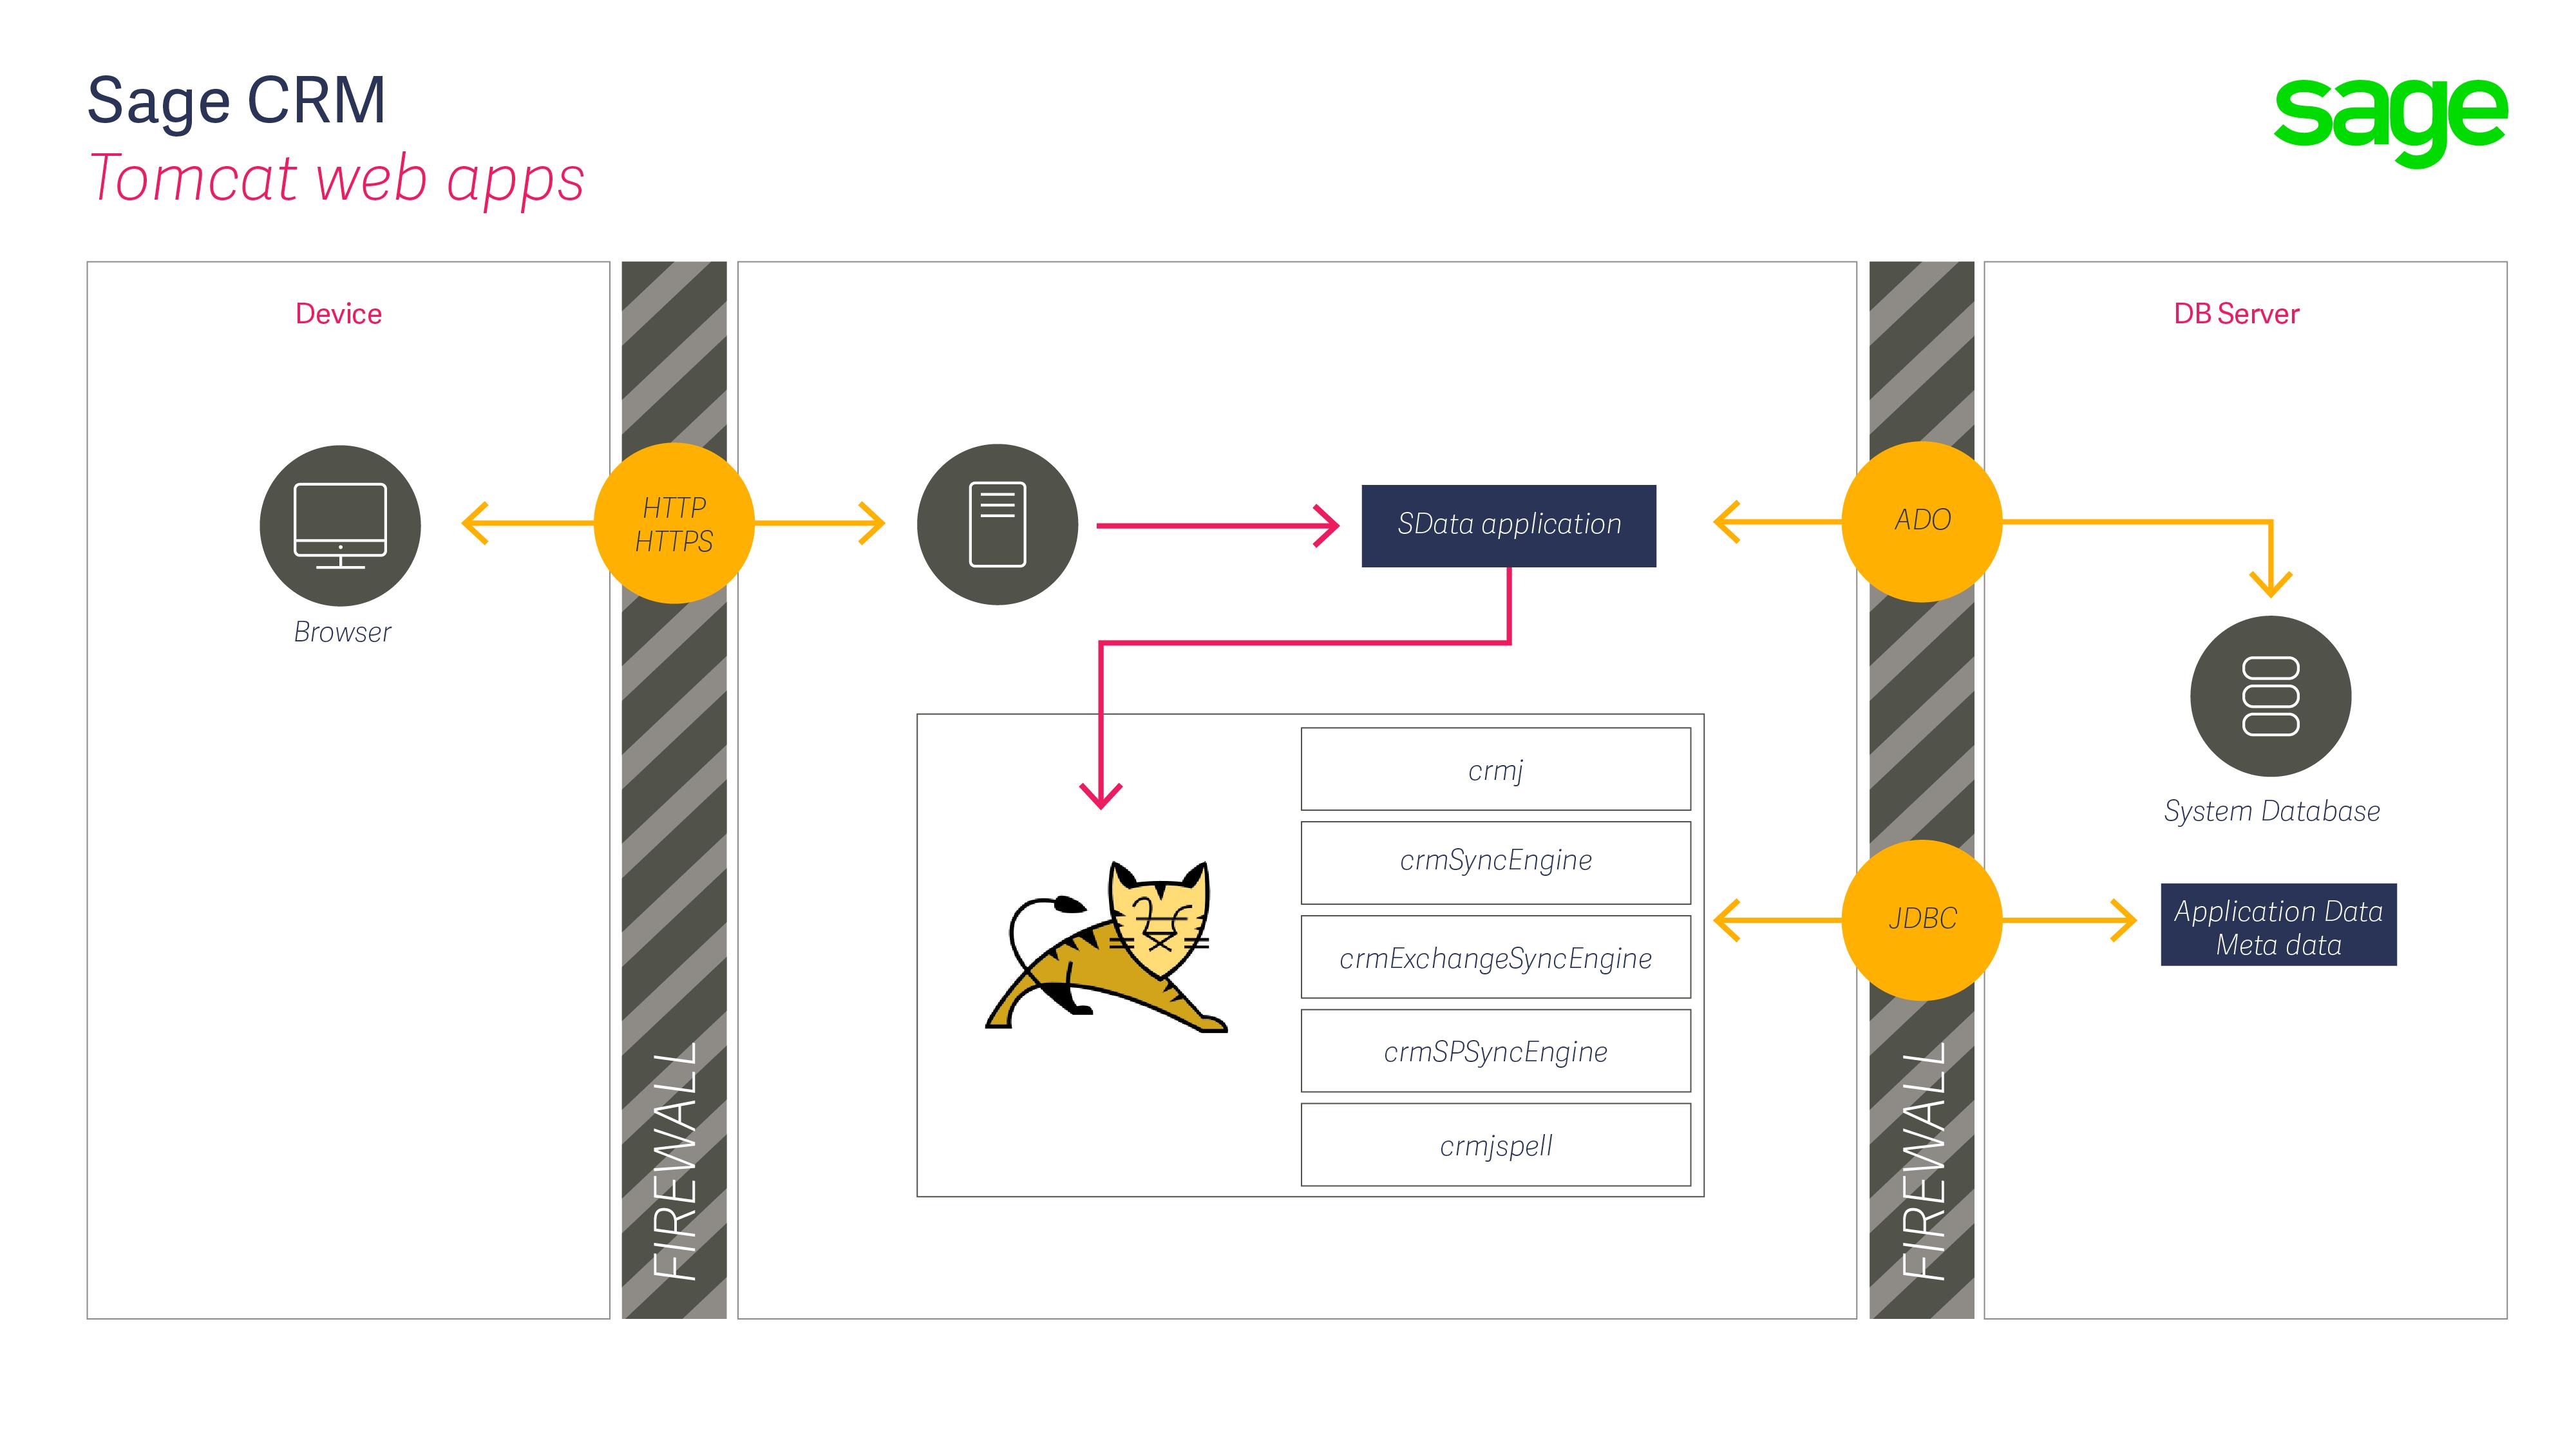 Sage CRM's RESTful API: SData (Part 7 of 10) - Hints, Tips